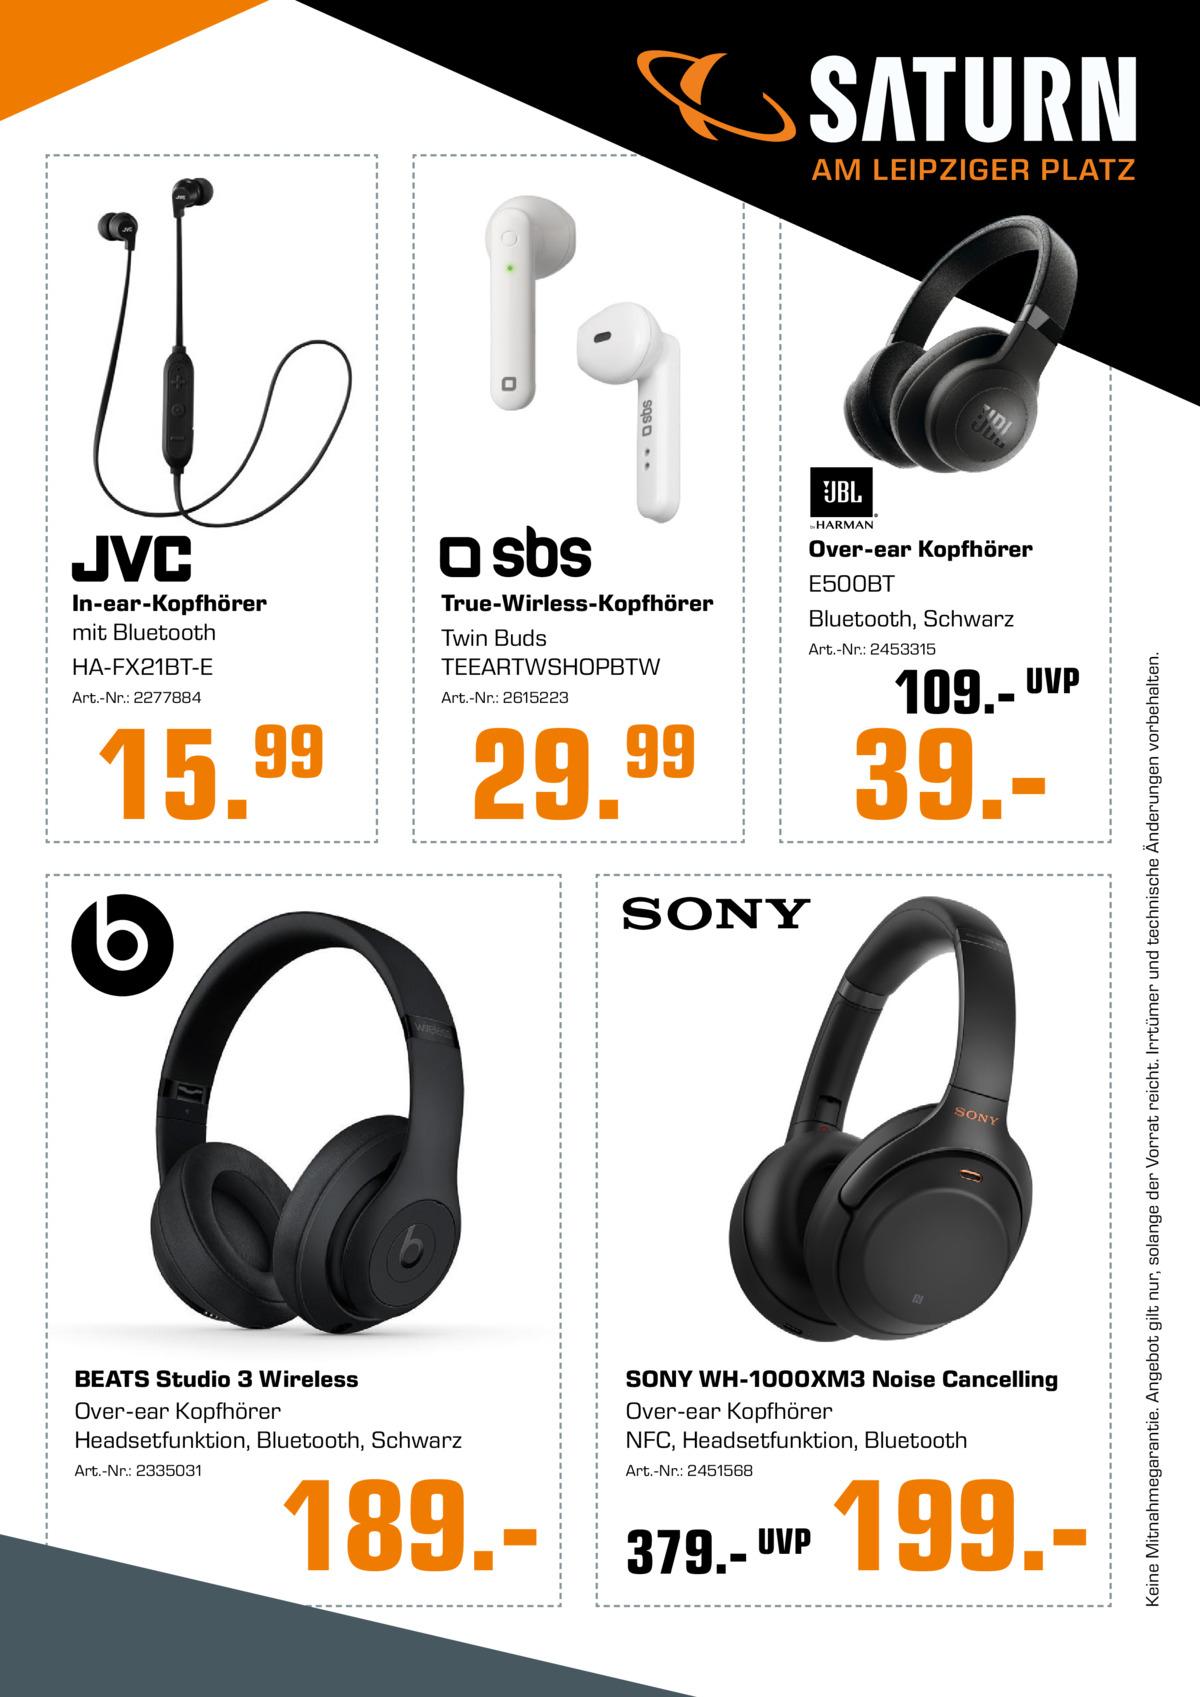 AM LEIPZIGER PLATZ  True-Wirless-Kopfhörer Twin Buds TEEARTWSHOPBTW  Art.-Nr.: 2277884  Art.-Nr.: 2615223  15.  99  Art.-Nr.: 2453315  29.  99  109.- UVP  39. BEATS Studio 3 Wireless Over-ear Kopfhörer Headsetfunktion, Bluetooth, Schwarz  SONY WH-1000XM3 Noise Cancelling Over-ear Kopfhörer NFC, Headsetfunktion, Bluetooth  Art.-Nr.: 2335031  Art.-Nr.: 2451568  189. 379.- UVP  199. Keine Mitnahmegarantie. Angebot gilt nur, solange der Vorrat reicht. Irrtümer und technische Änderungen vorbehalten.  In-ear-Kopfhörer mit Bluetooth HA-FX21BT-E  Over-ear Kopfhörer E500BT Bluetooth, Schwarz